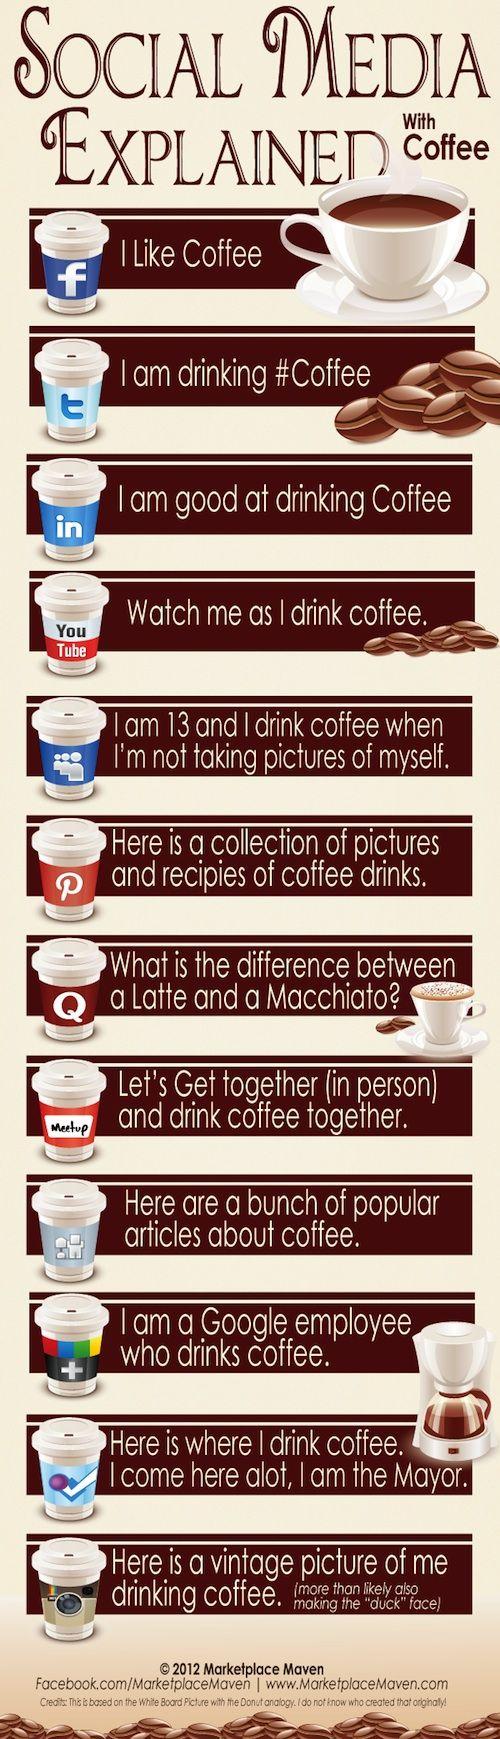 [:it]Lista dei social media e come possono essere spiegati con il caffè[:en]List of Social Media explained with cofee